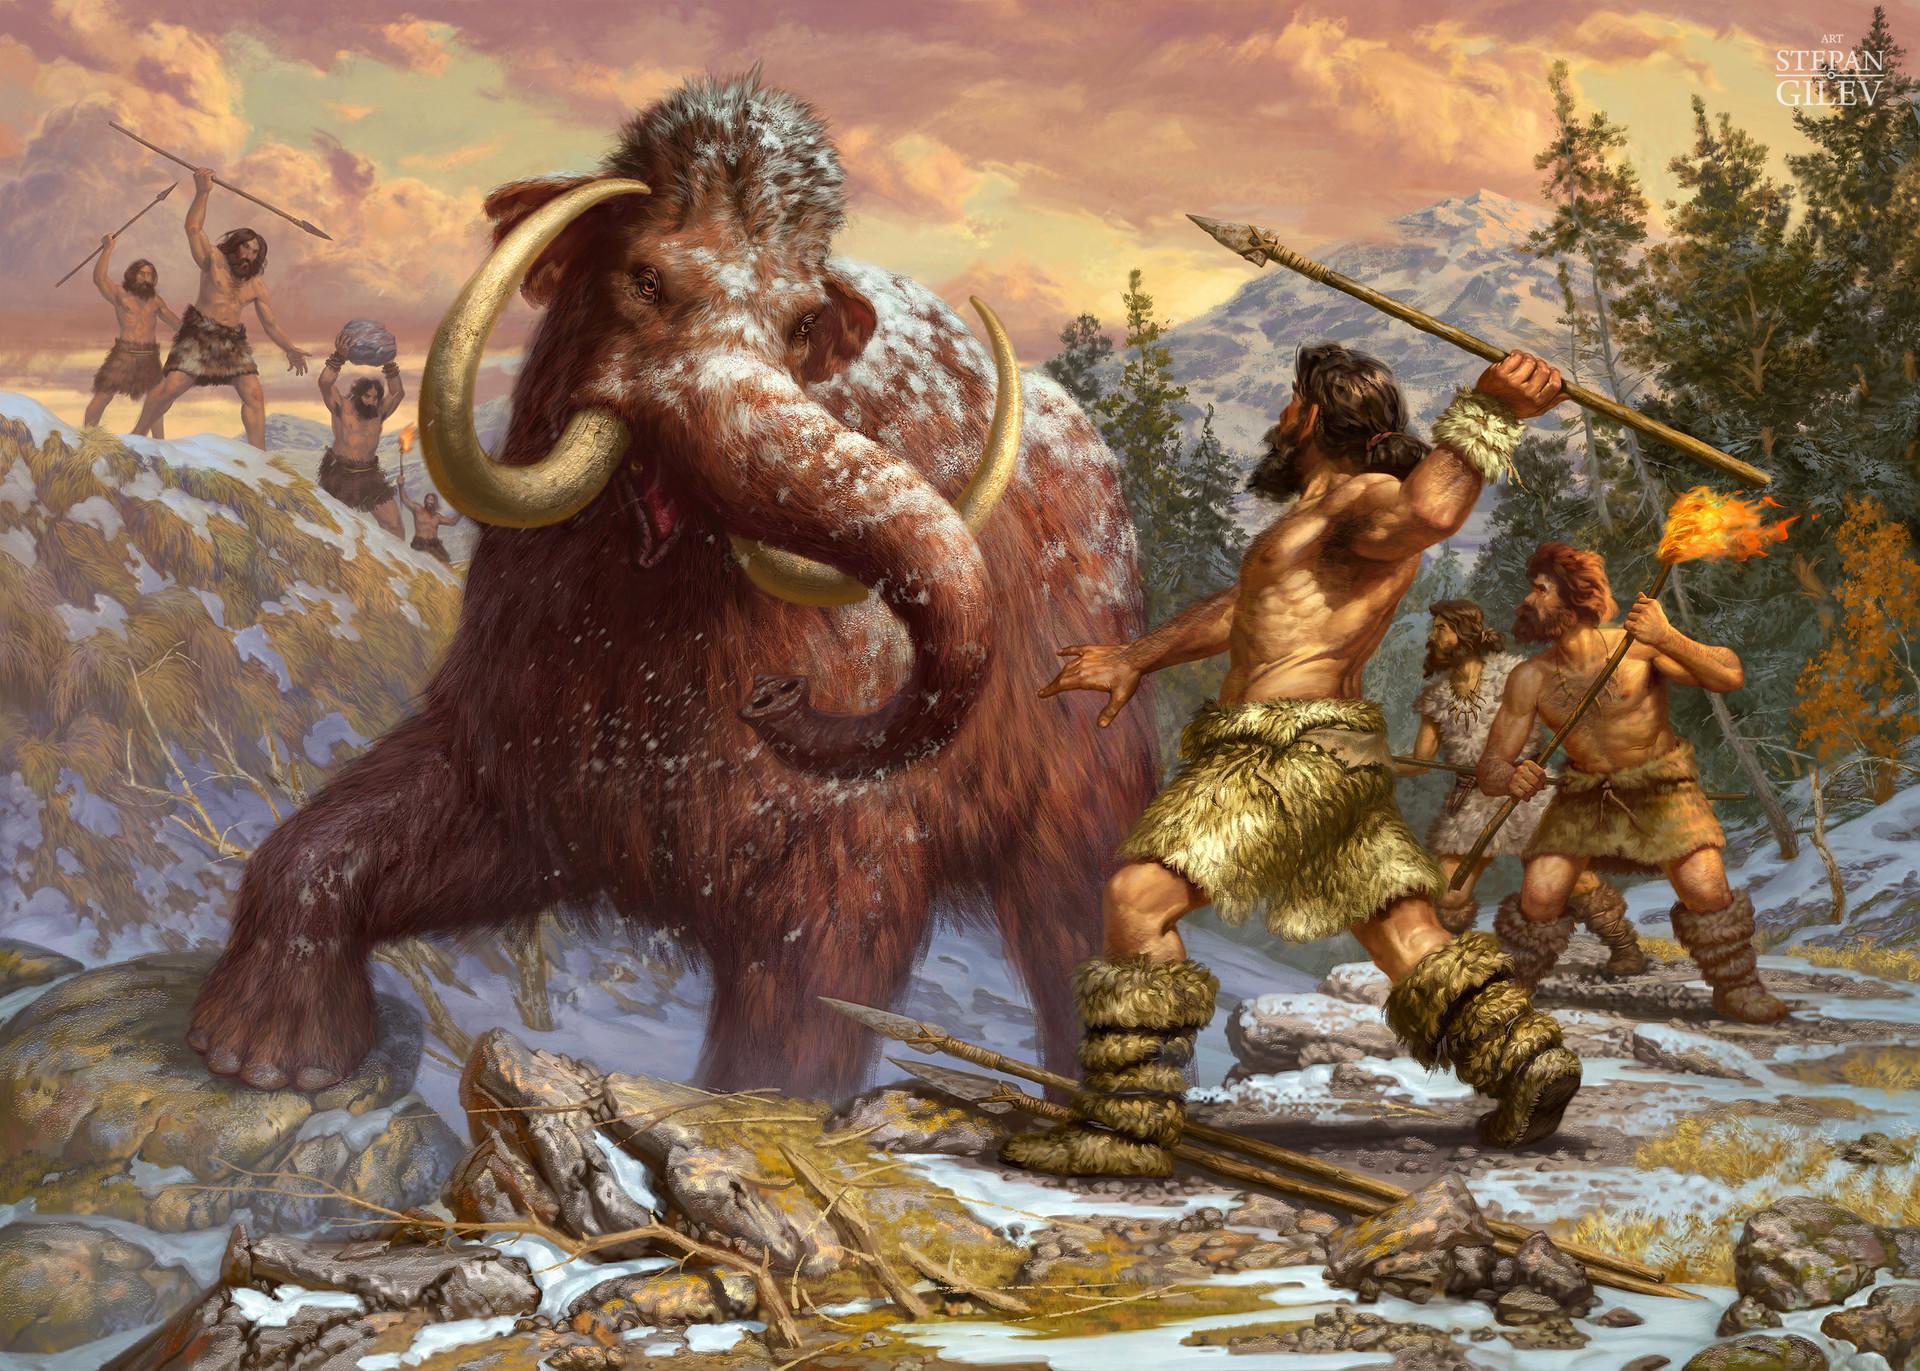 далекой картинка мамонта и древнего человека нас